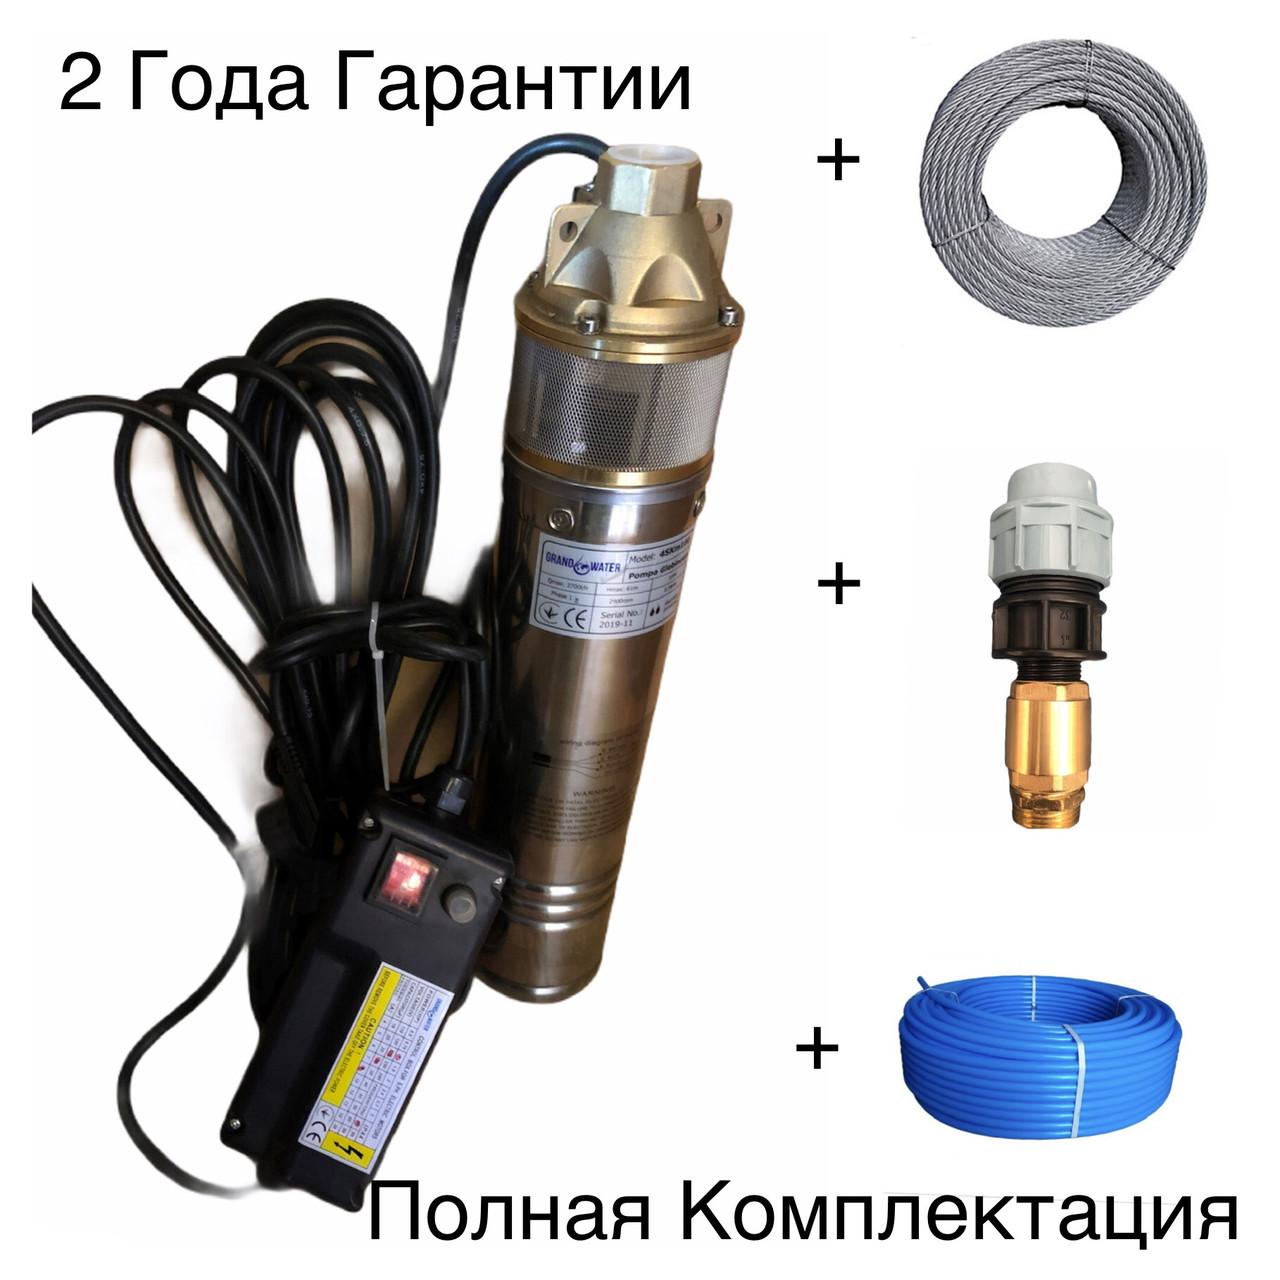 Погружной глубинный насос  Euro Waters 4SKM-100 Полный Комплект+Гарантия 3 Года